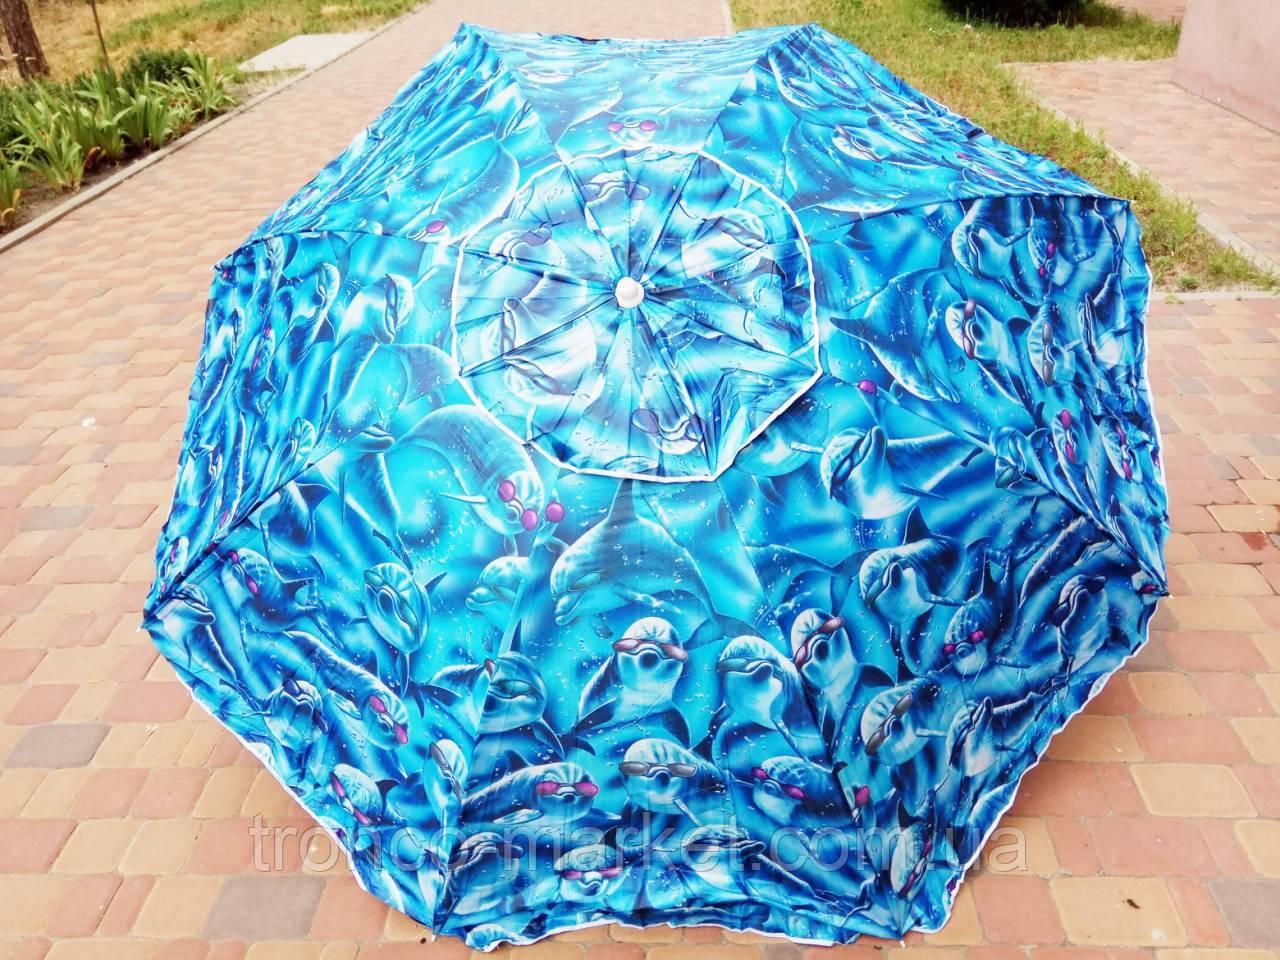 Зонт с рисунком пляжный, садовый, антиветер серебро диаметр  2 ,2 м  с чехлом